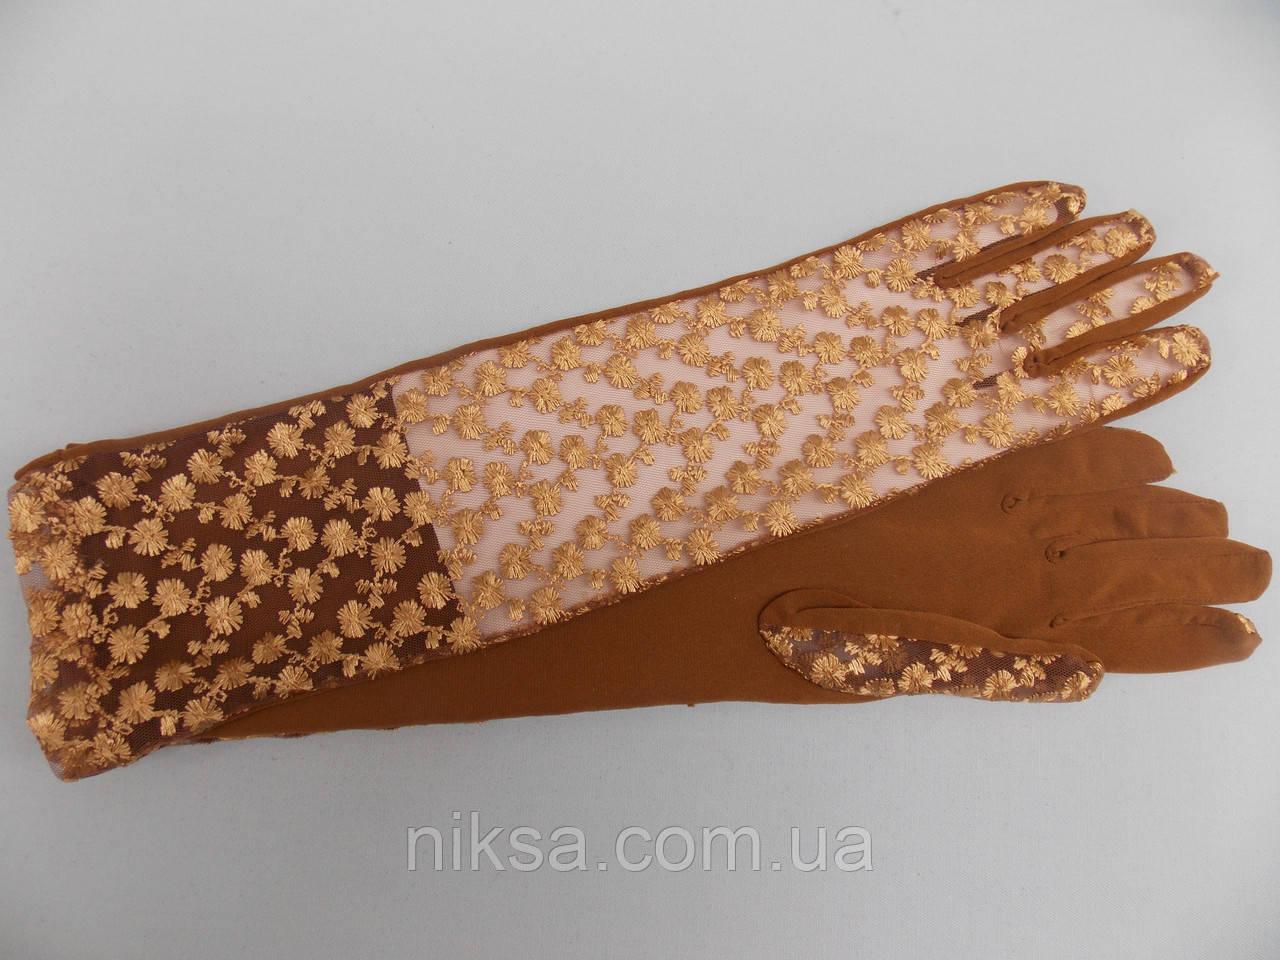 Перчатки гипюровые+атлас длинные